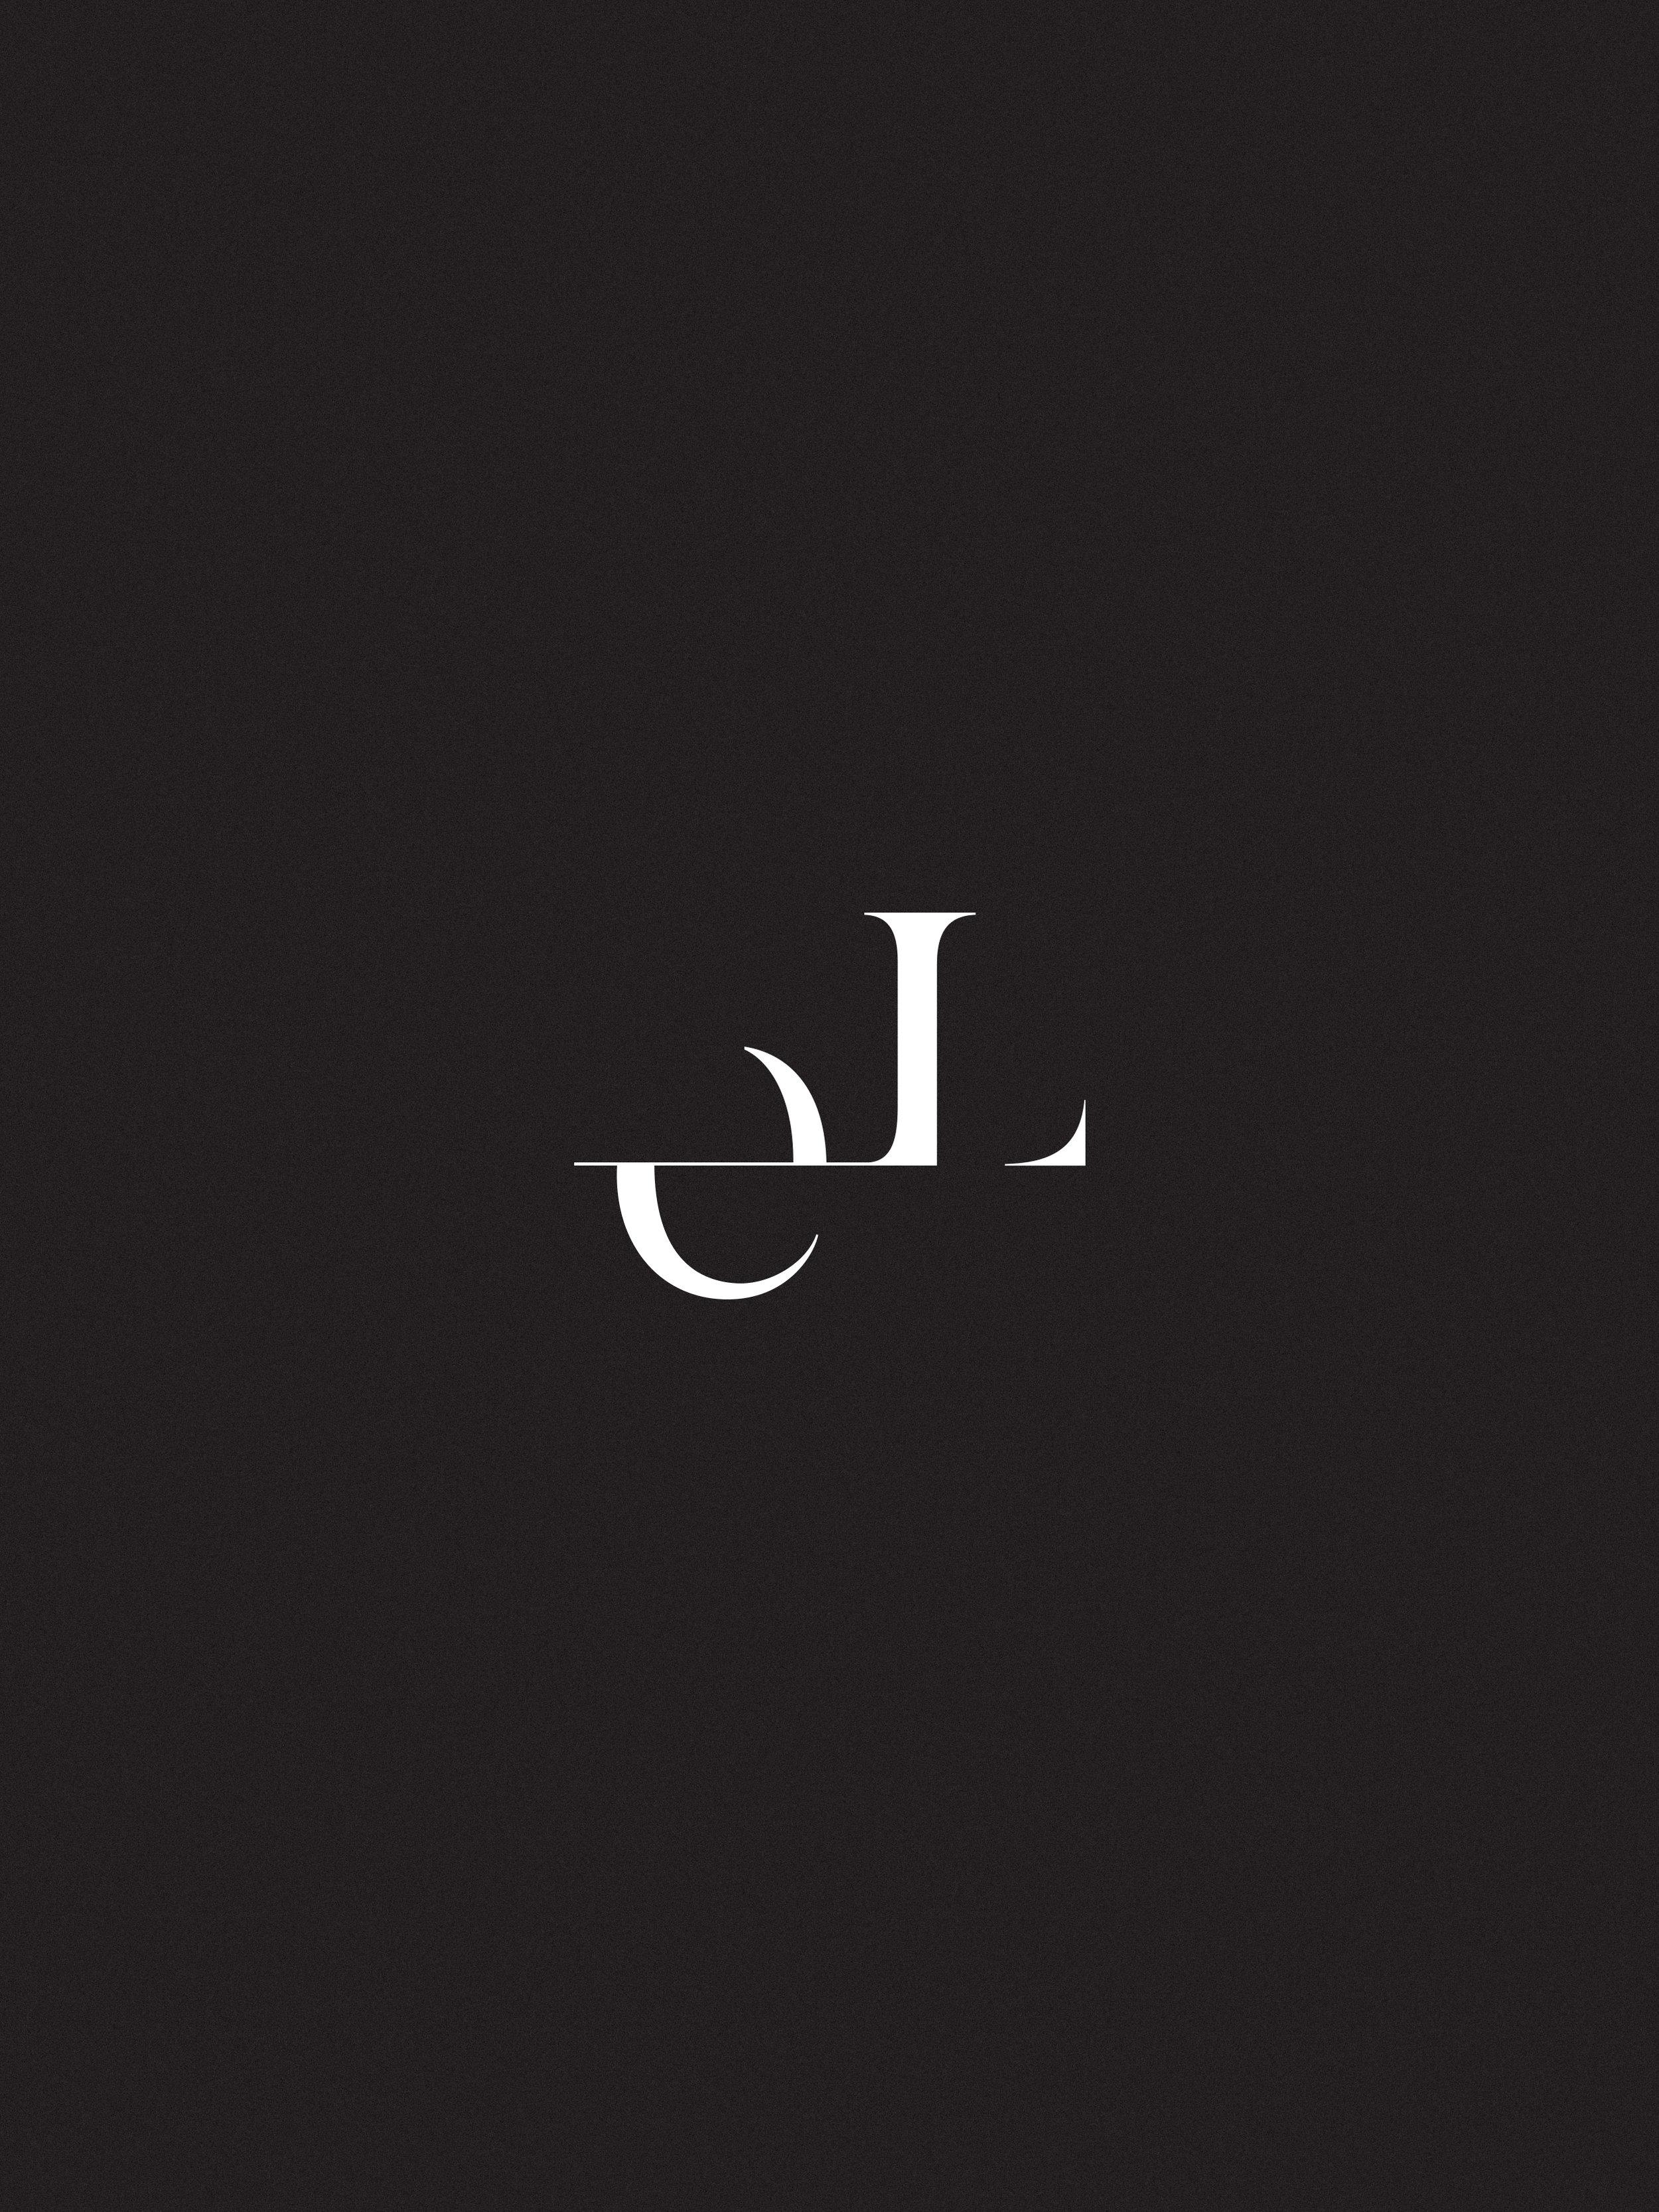 Endlessly-Lush-Logo-Design-Submark.jpg